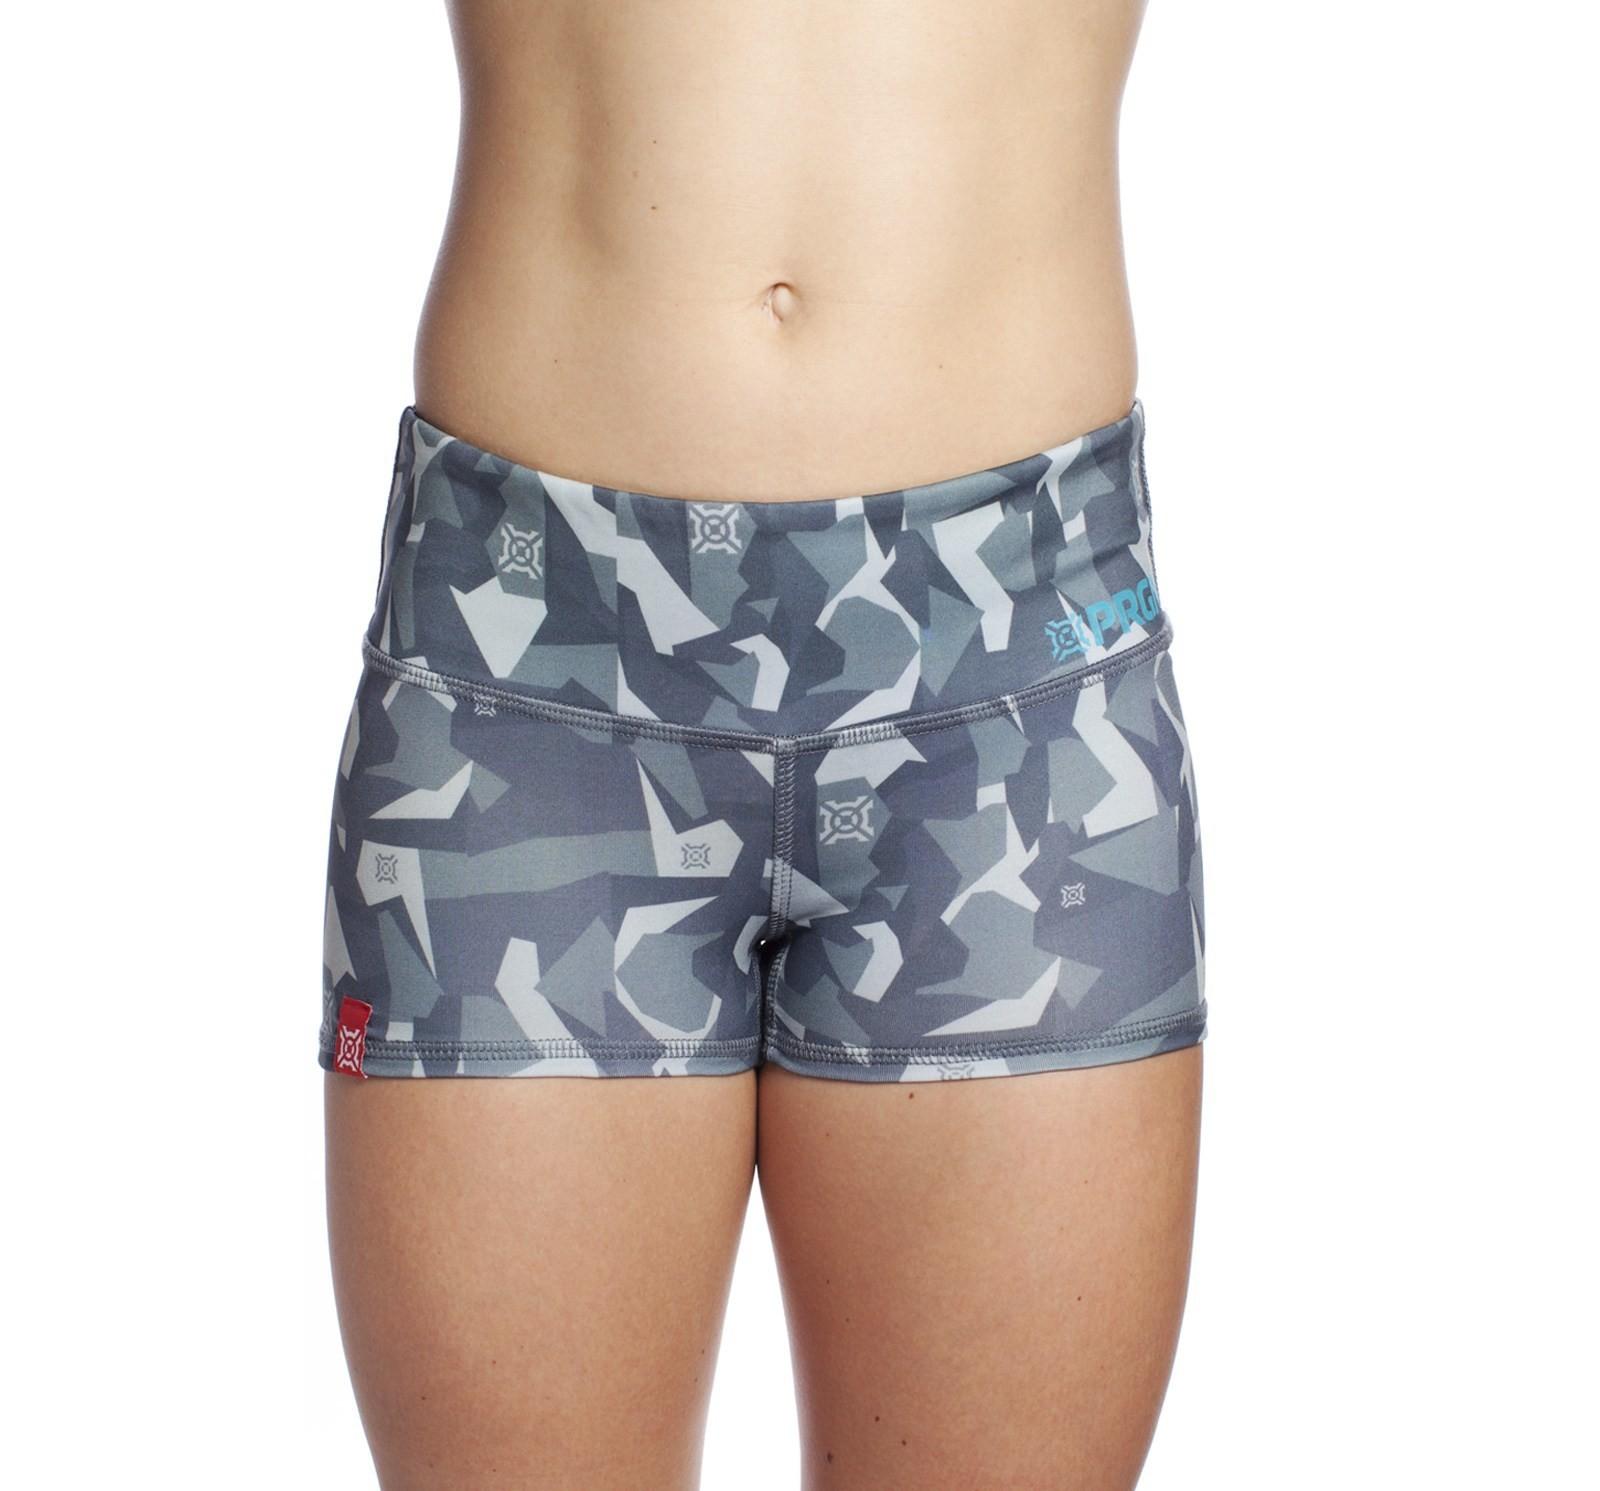 køb booty shorts ladies icon asphalt fra progenex | exclusive online